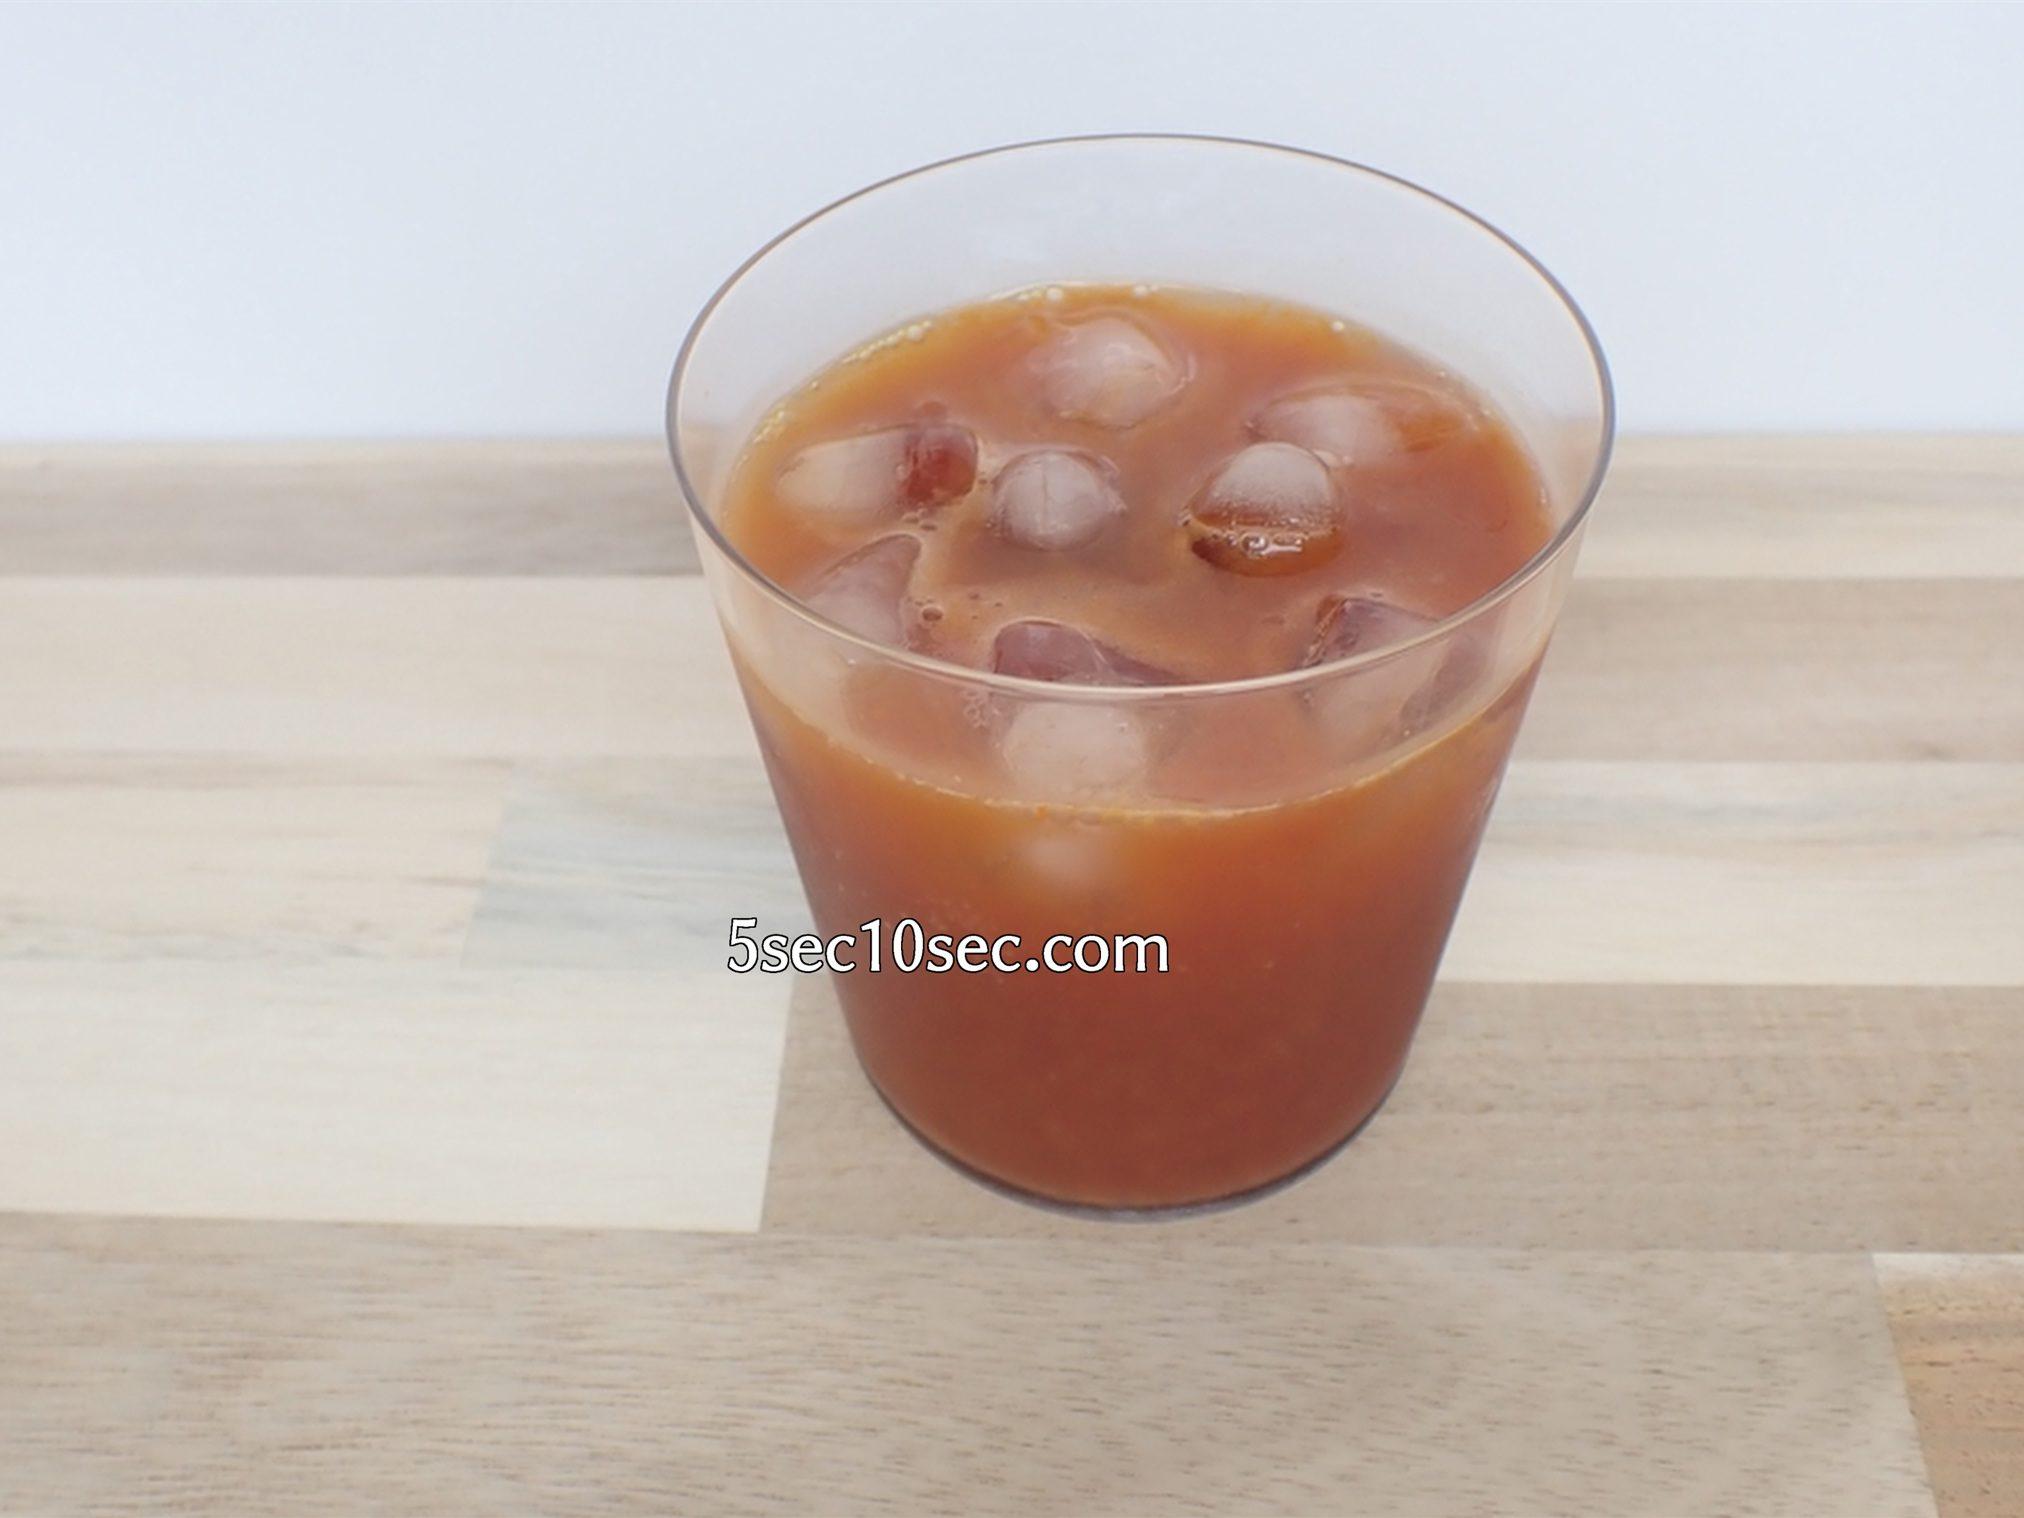 Curilla キュリラ 有機JAS認定 オーガニックサジージュース ぶどうジュースで割ってみた写真